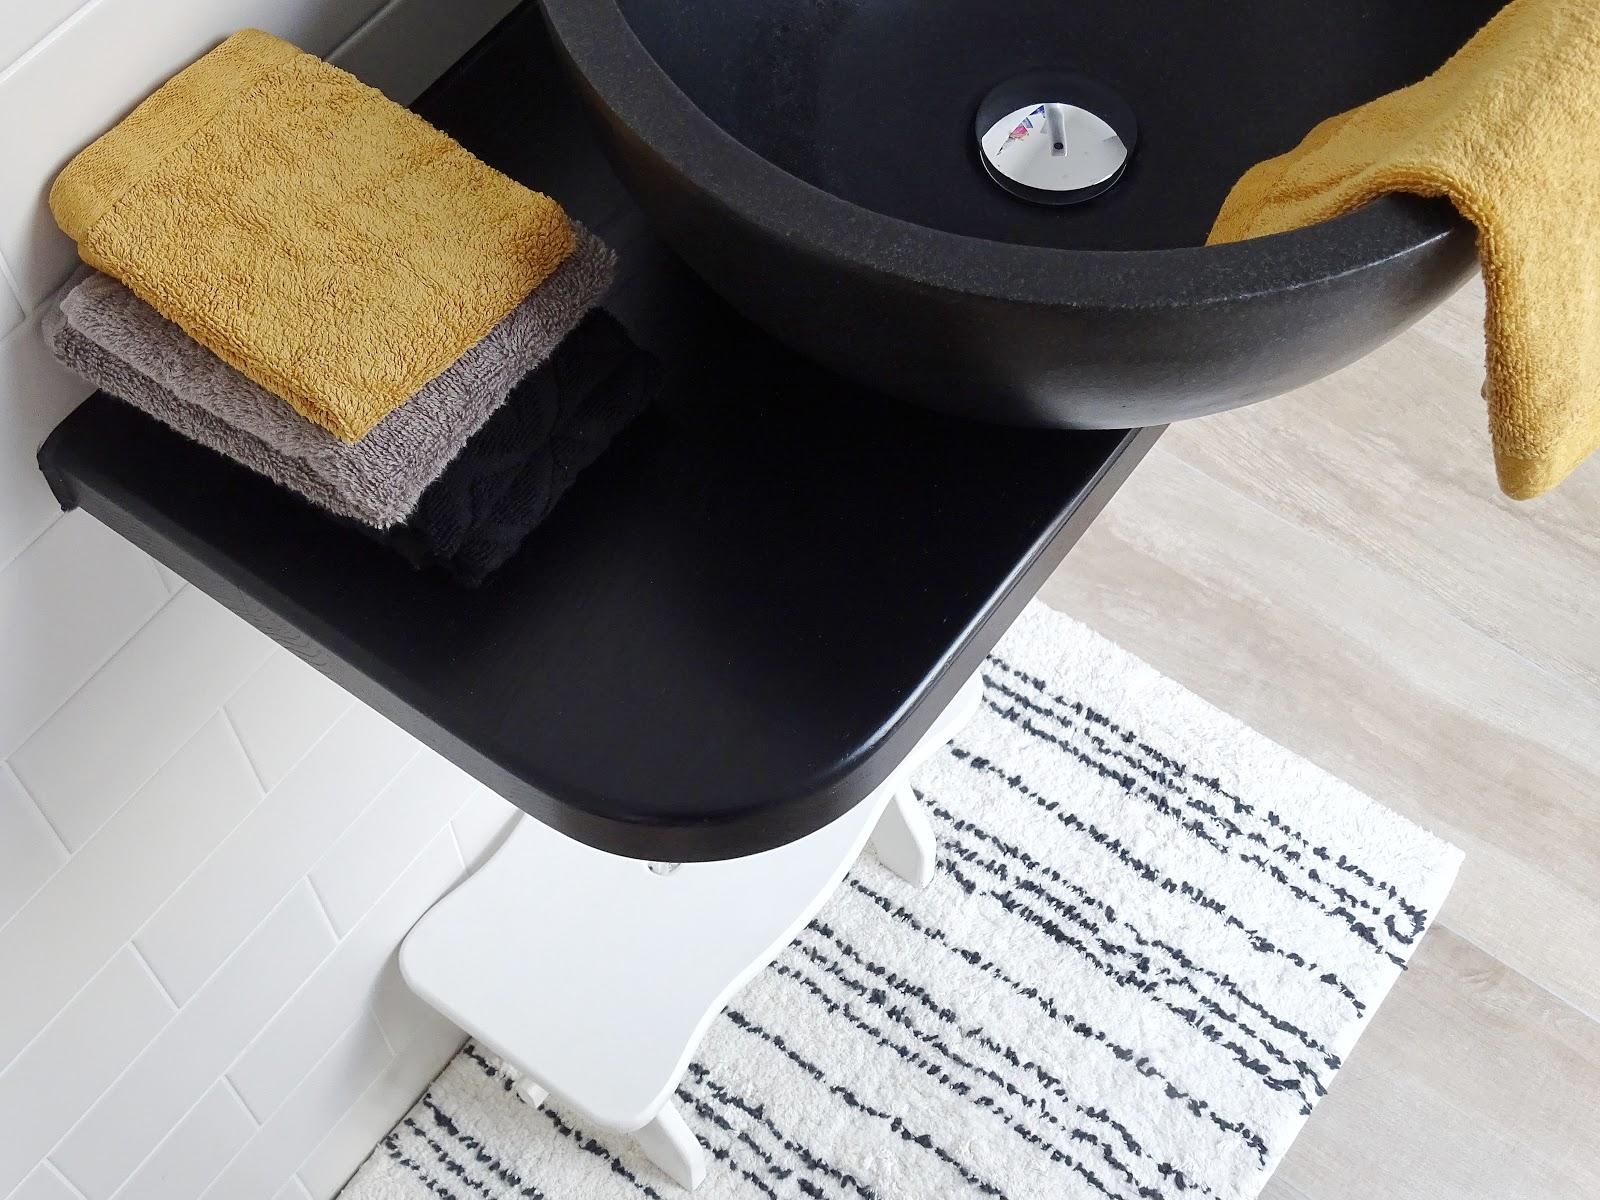 Gäste-WC und rundes Steinwaschbecken - 5 Fragen und Antworten am Fünften - #randomfactsaboutme - https://mammilade.blogspot.de